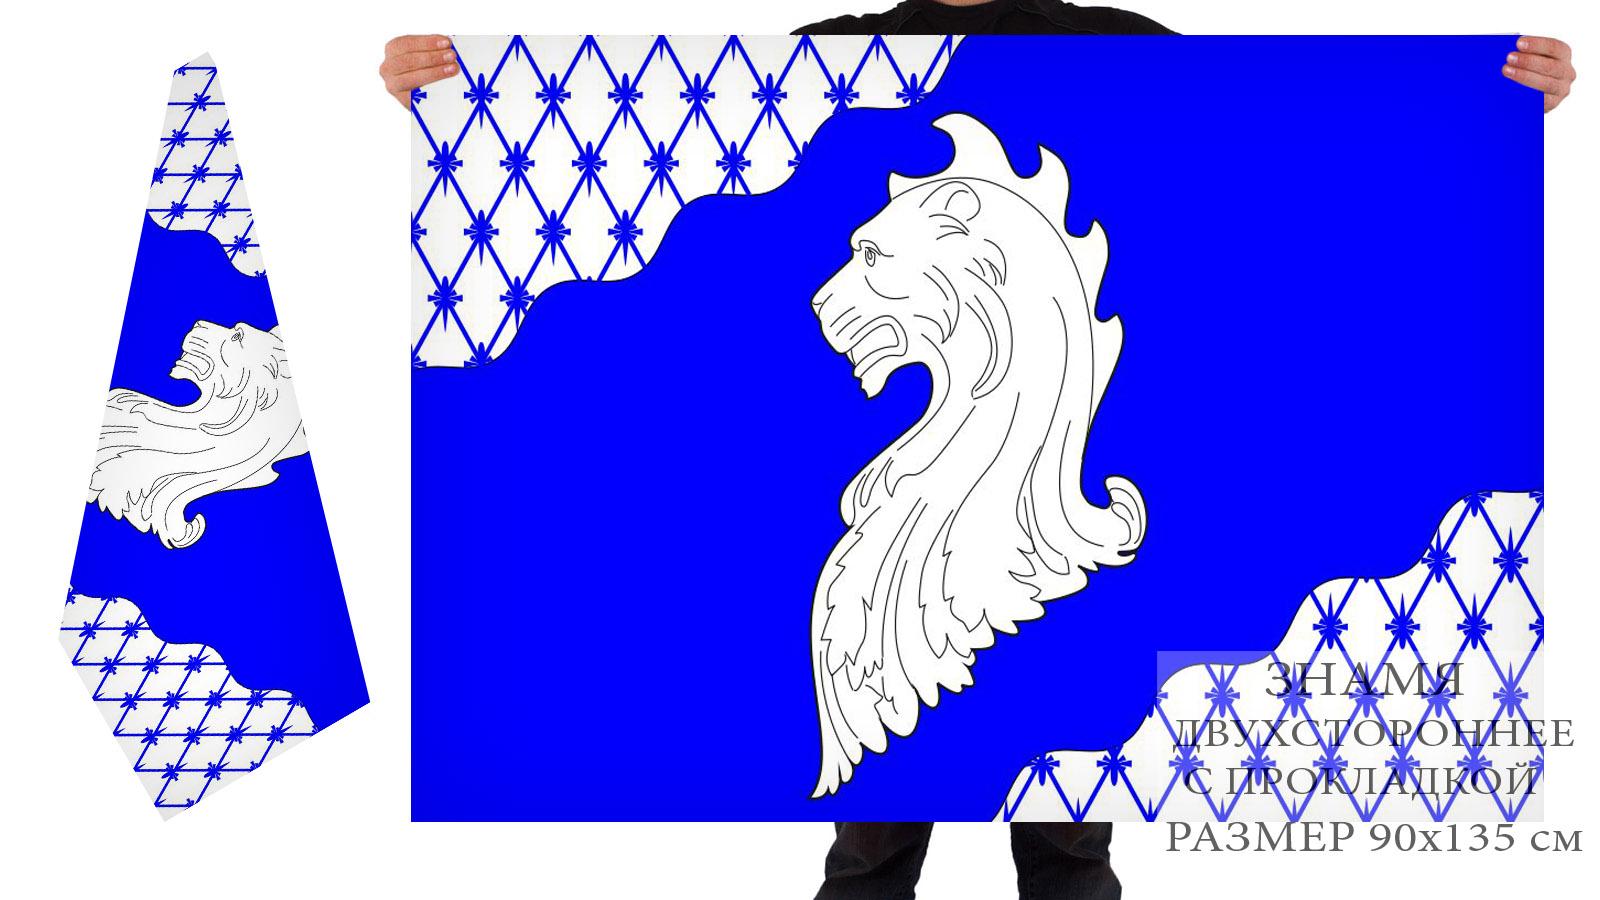 Двусторонний флаг муниципального образования муниципальный округ Ивановский